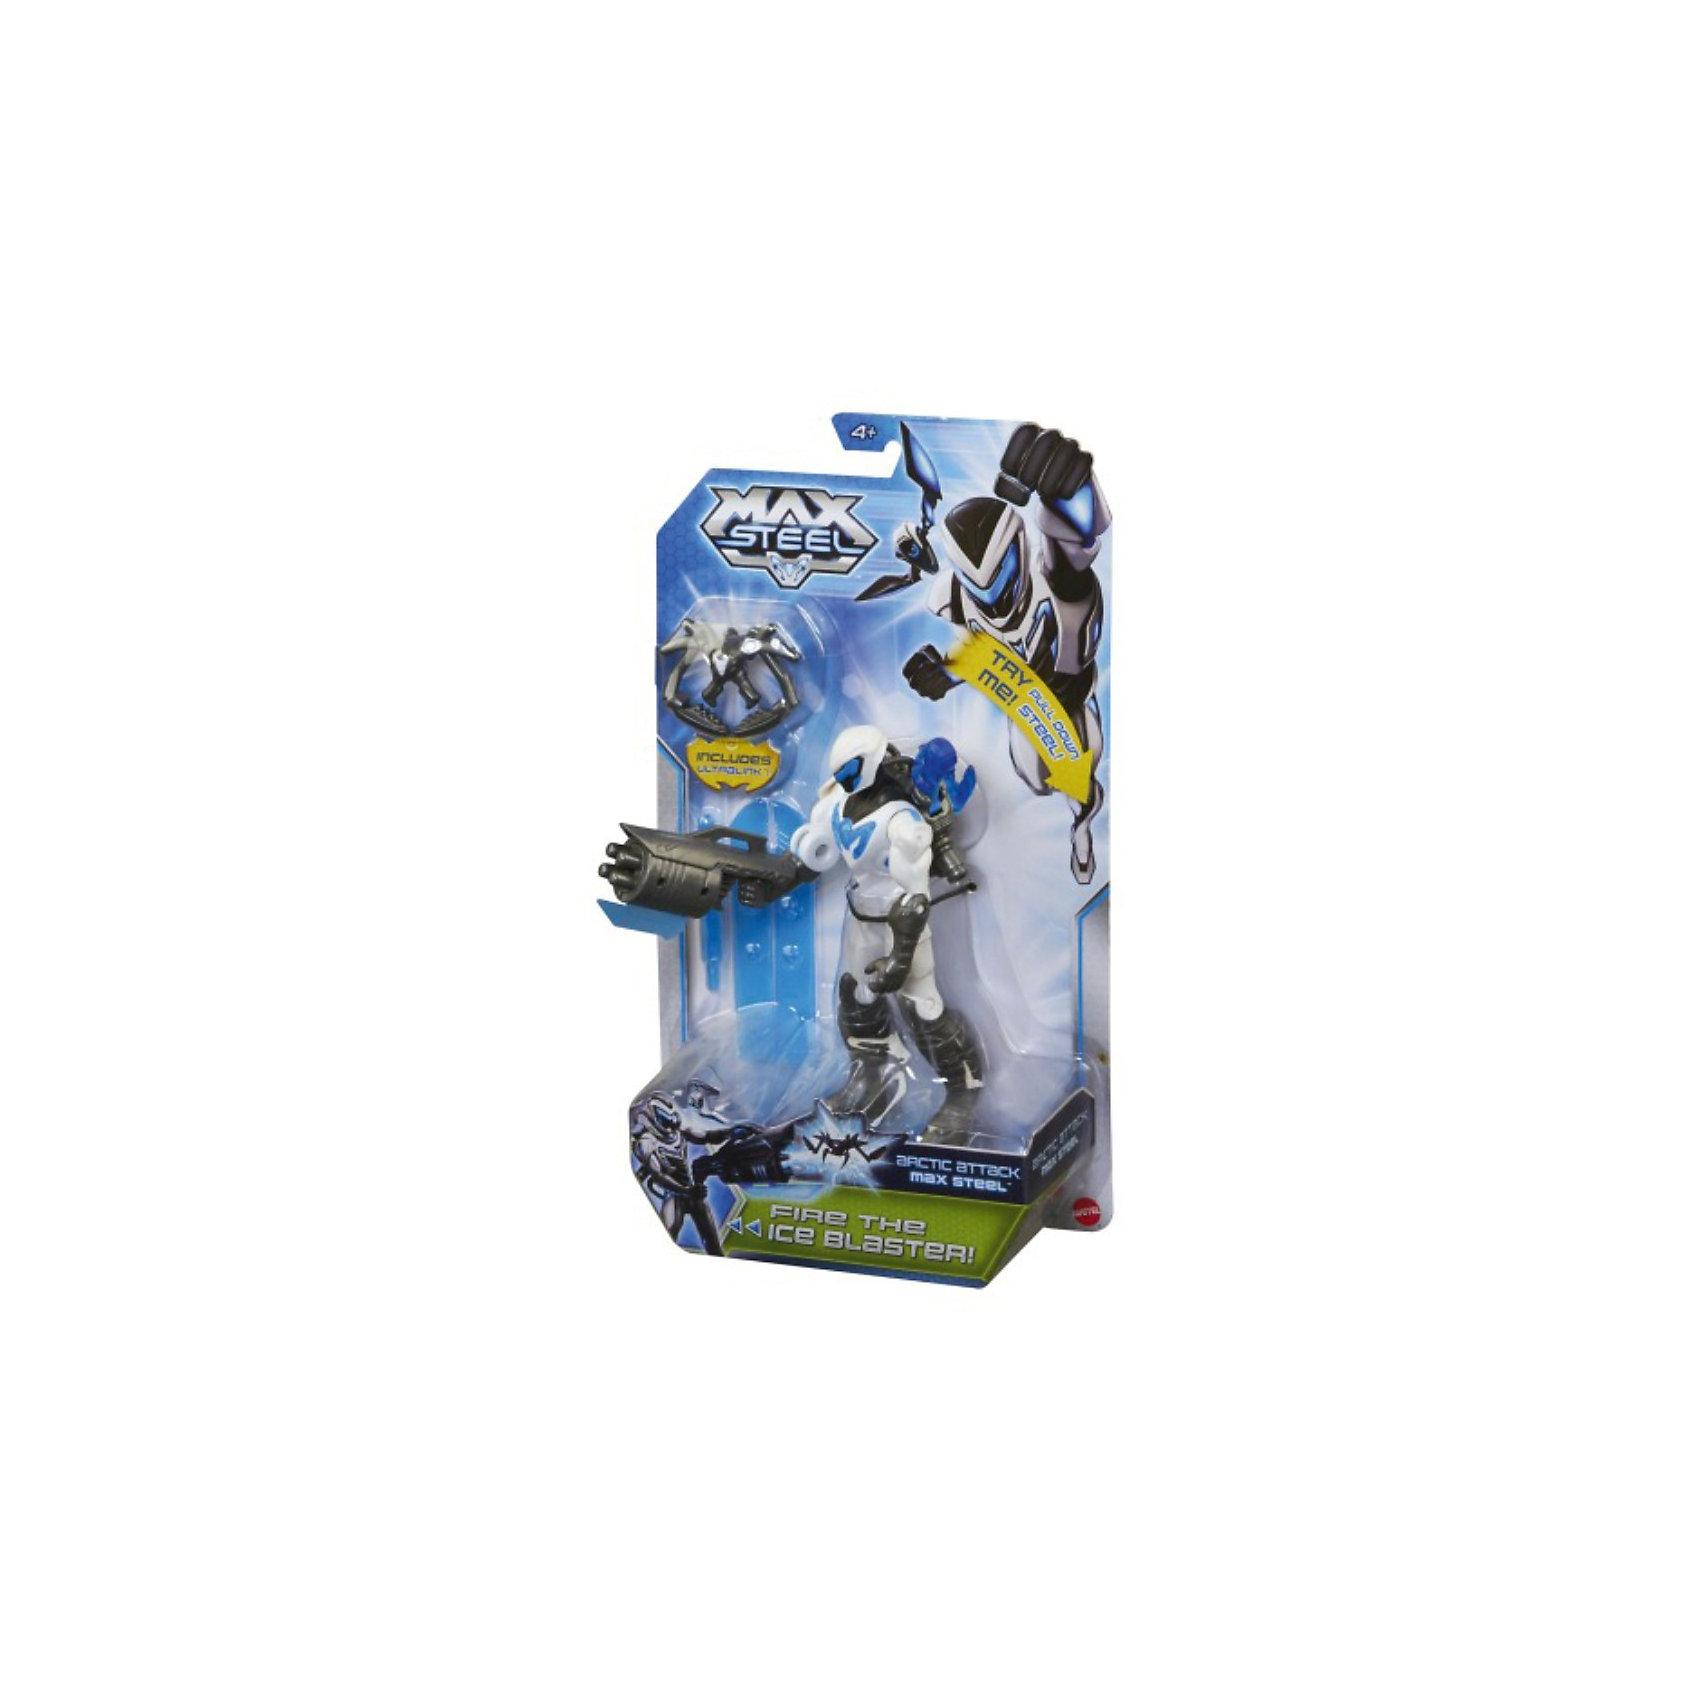 ��������� ������� ������: ����������� �����, Max Steel (Mattel)